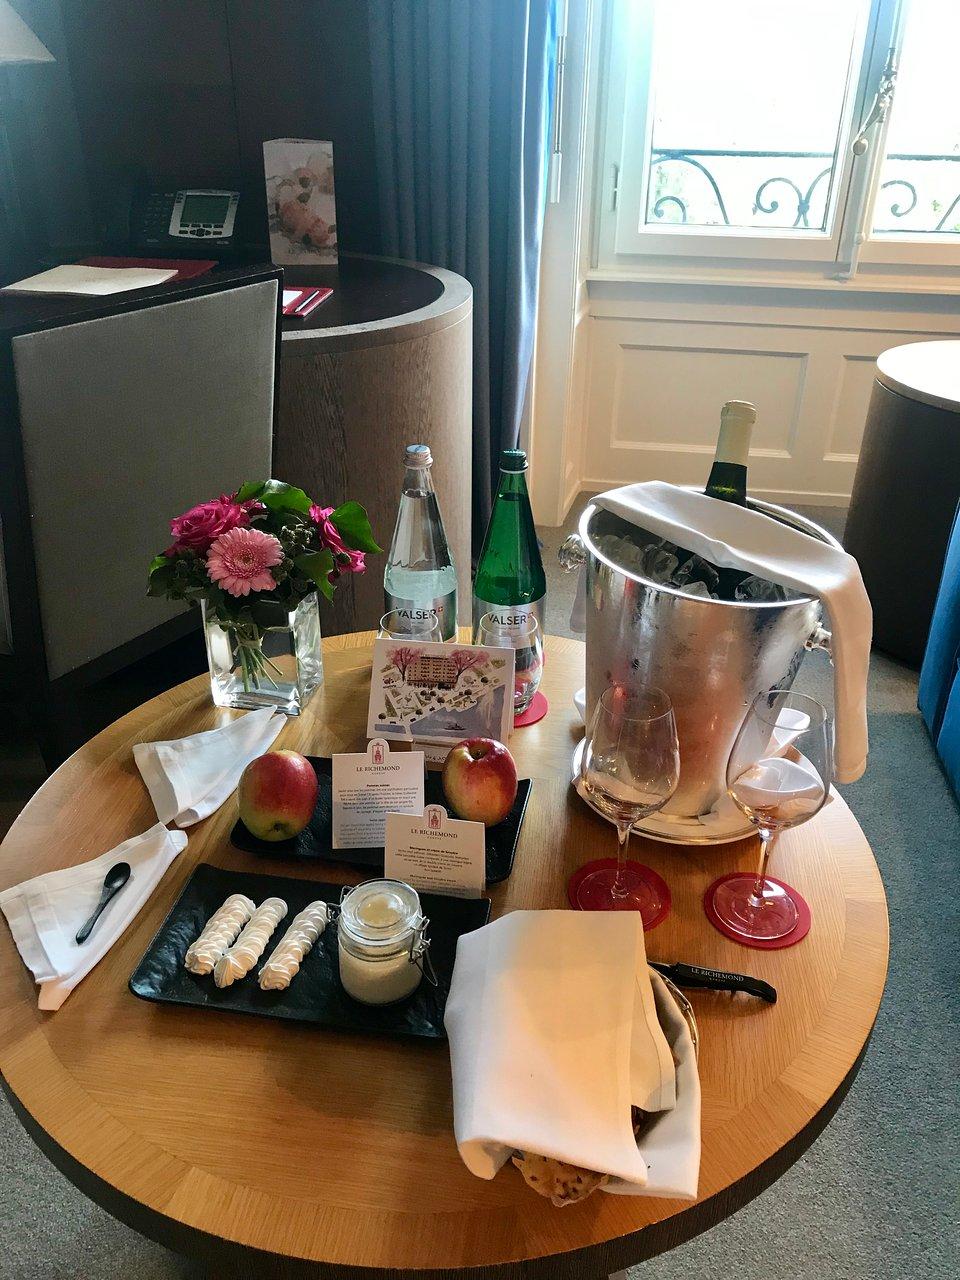 Harmony Cuisine Saint Julien le richemond geneve - prices & hotel reviews (geneva